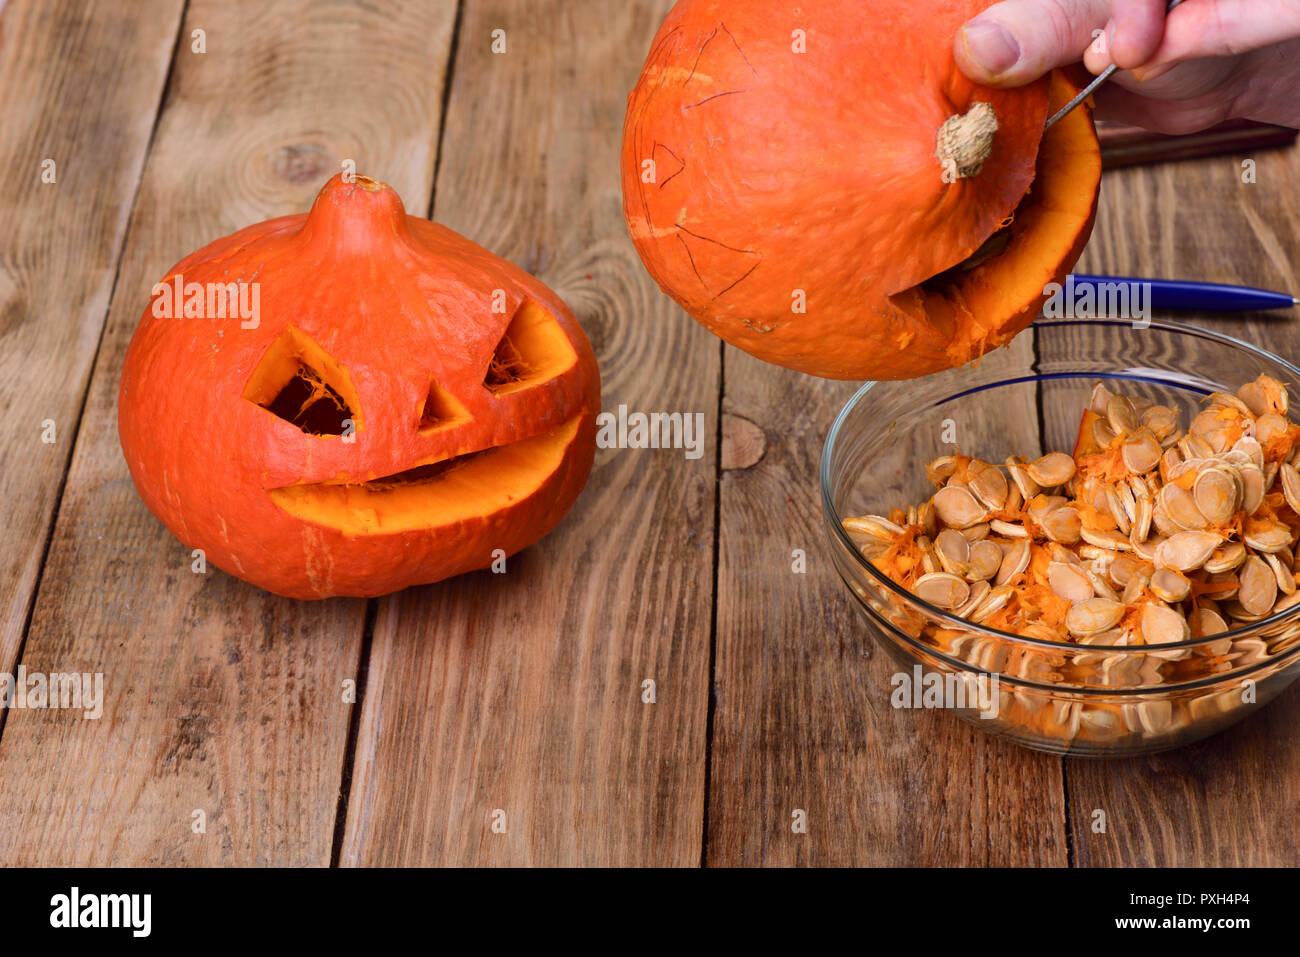 Scraping Another Pumpkin Making A Pumpkin Lantern For Halloween